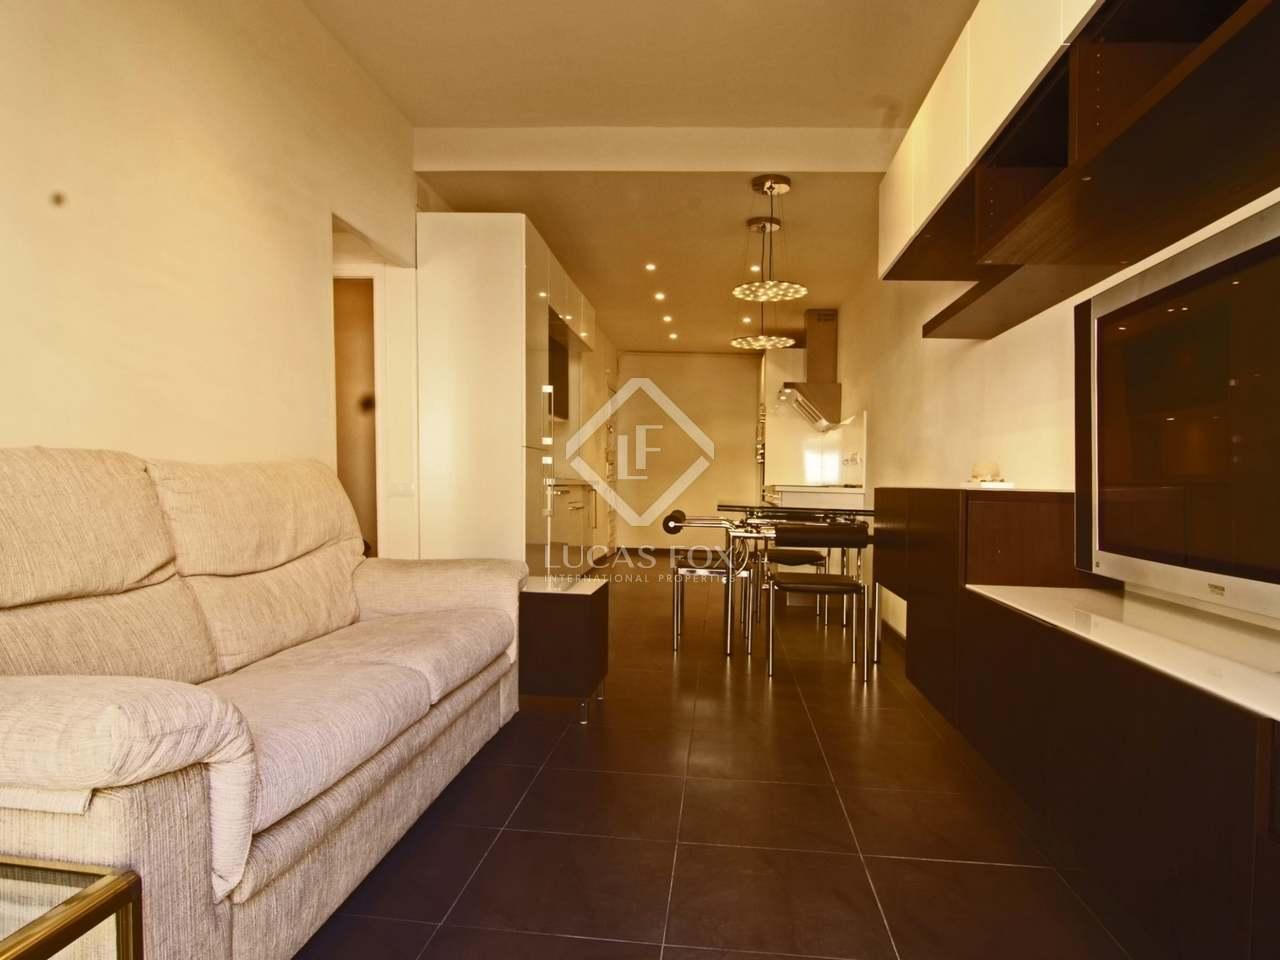 Apartamento en alquiler en el exclusivo distrito del for Alquiler de dormitorios